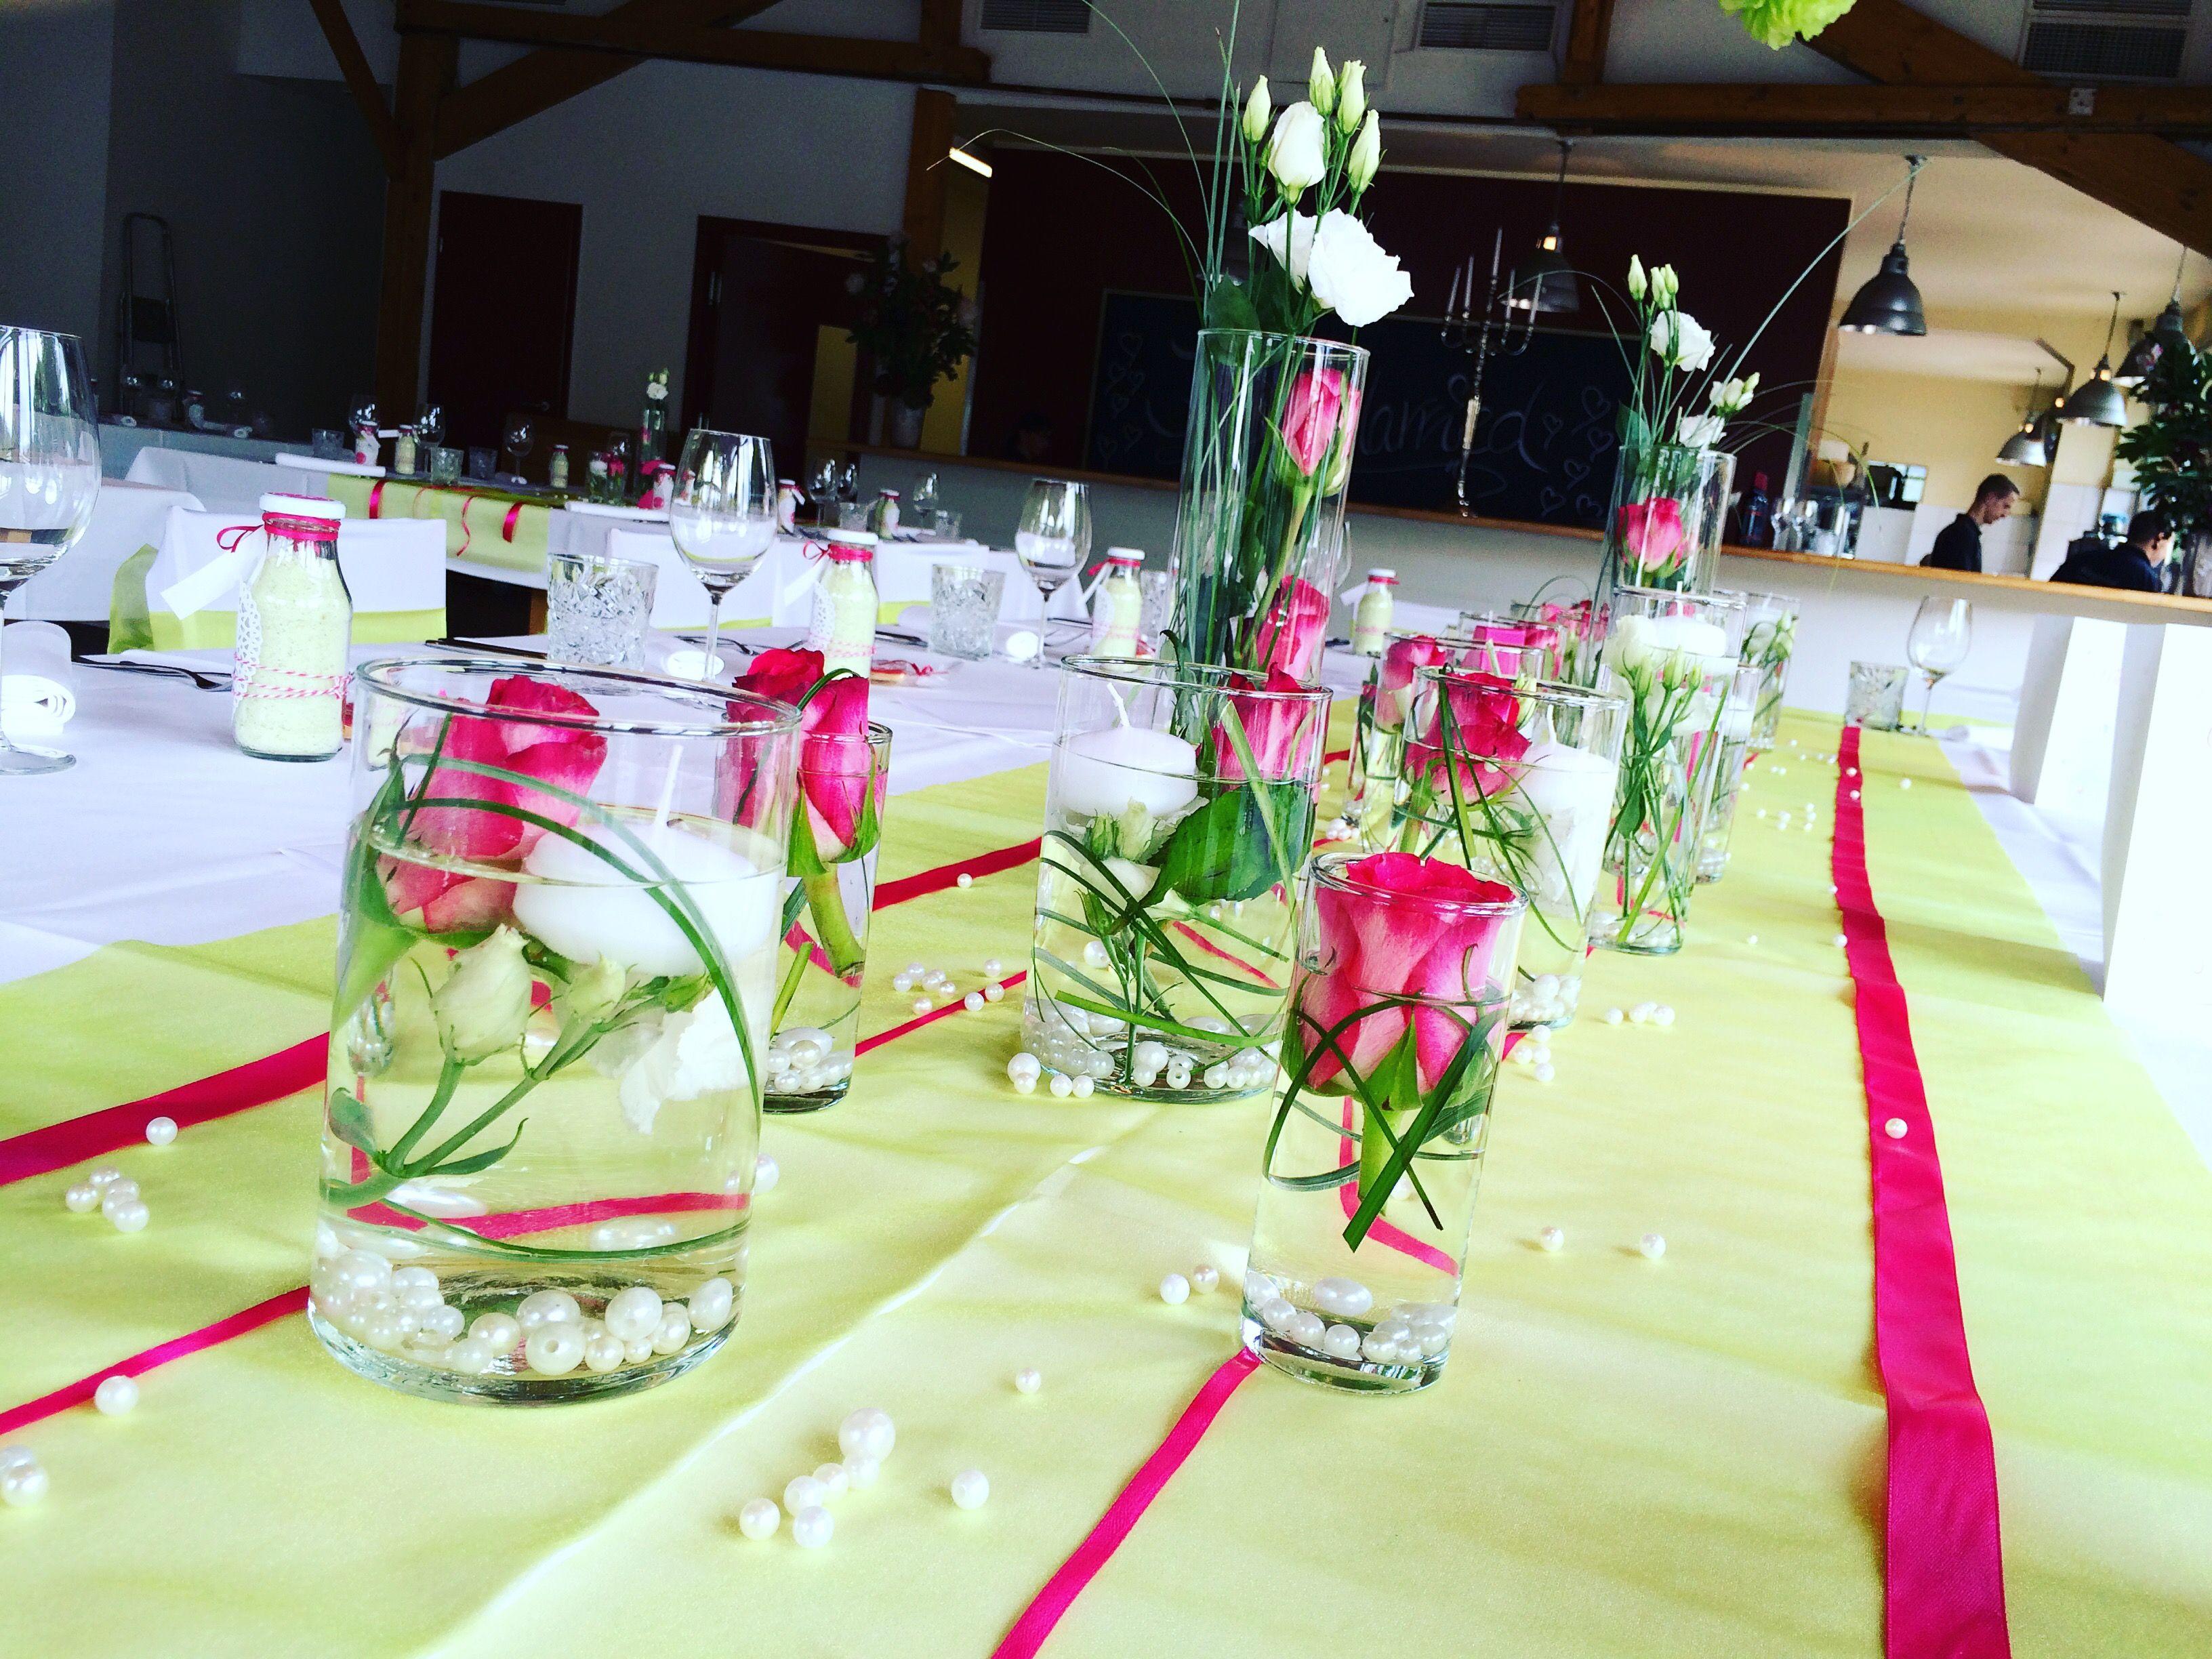 Rosa Tischdeko Hochzeit Tischdeko Hochzeit Runde Tische